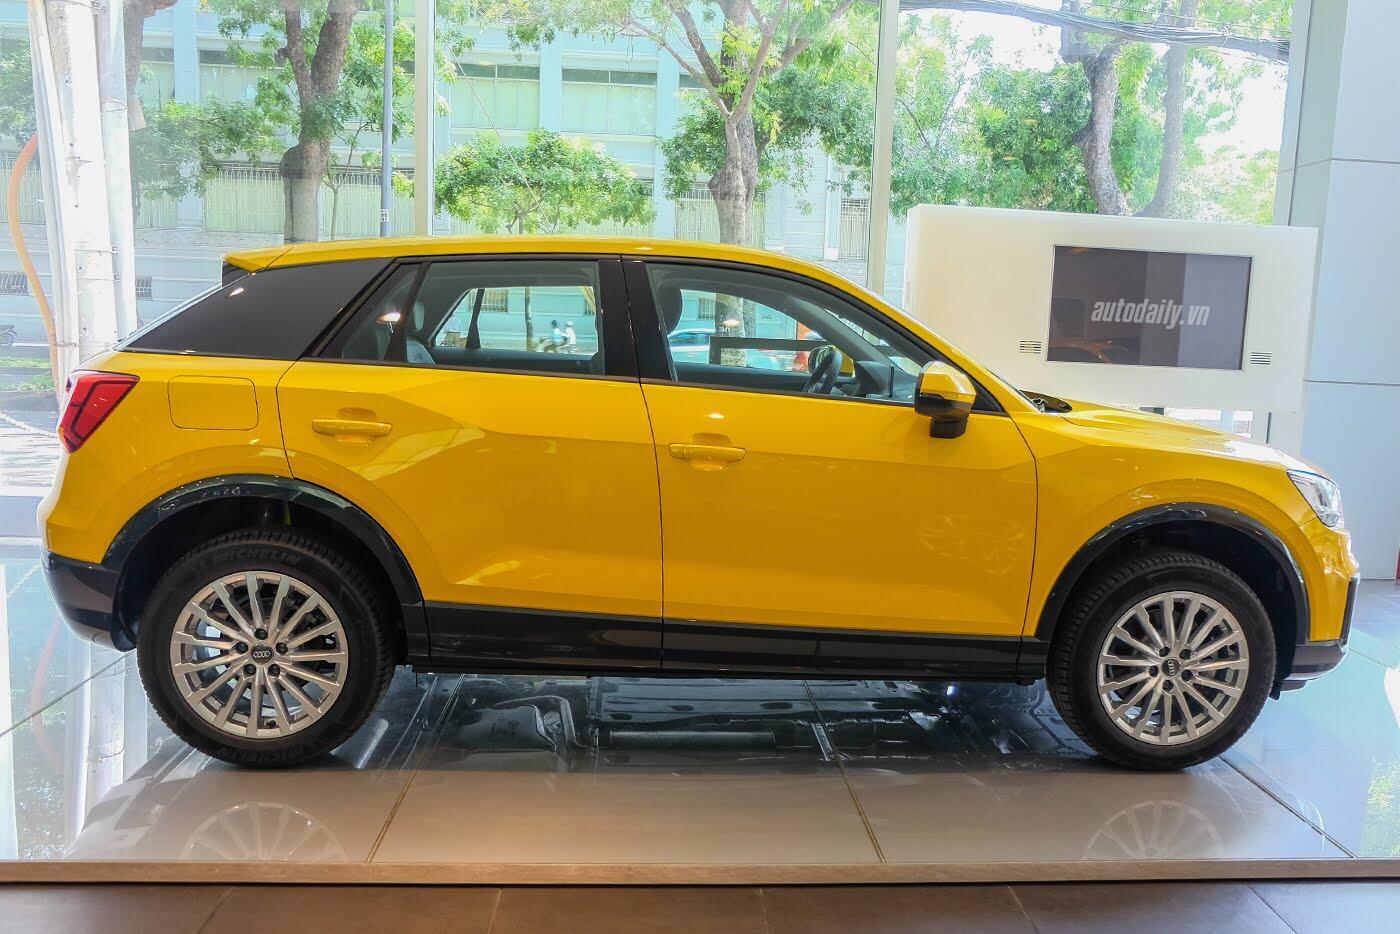 Audi Q2 đã có mặt tại showroom, sẵn sàng bán tới tay người dùng - Hình 4